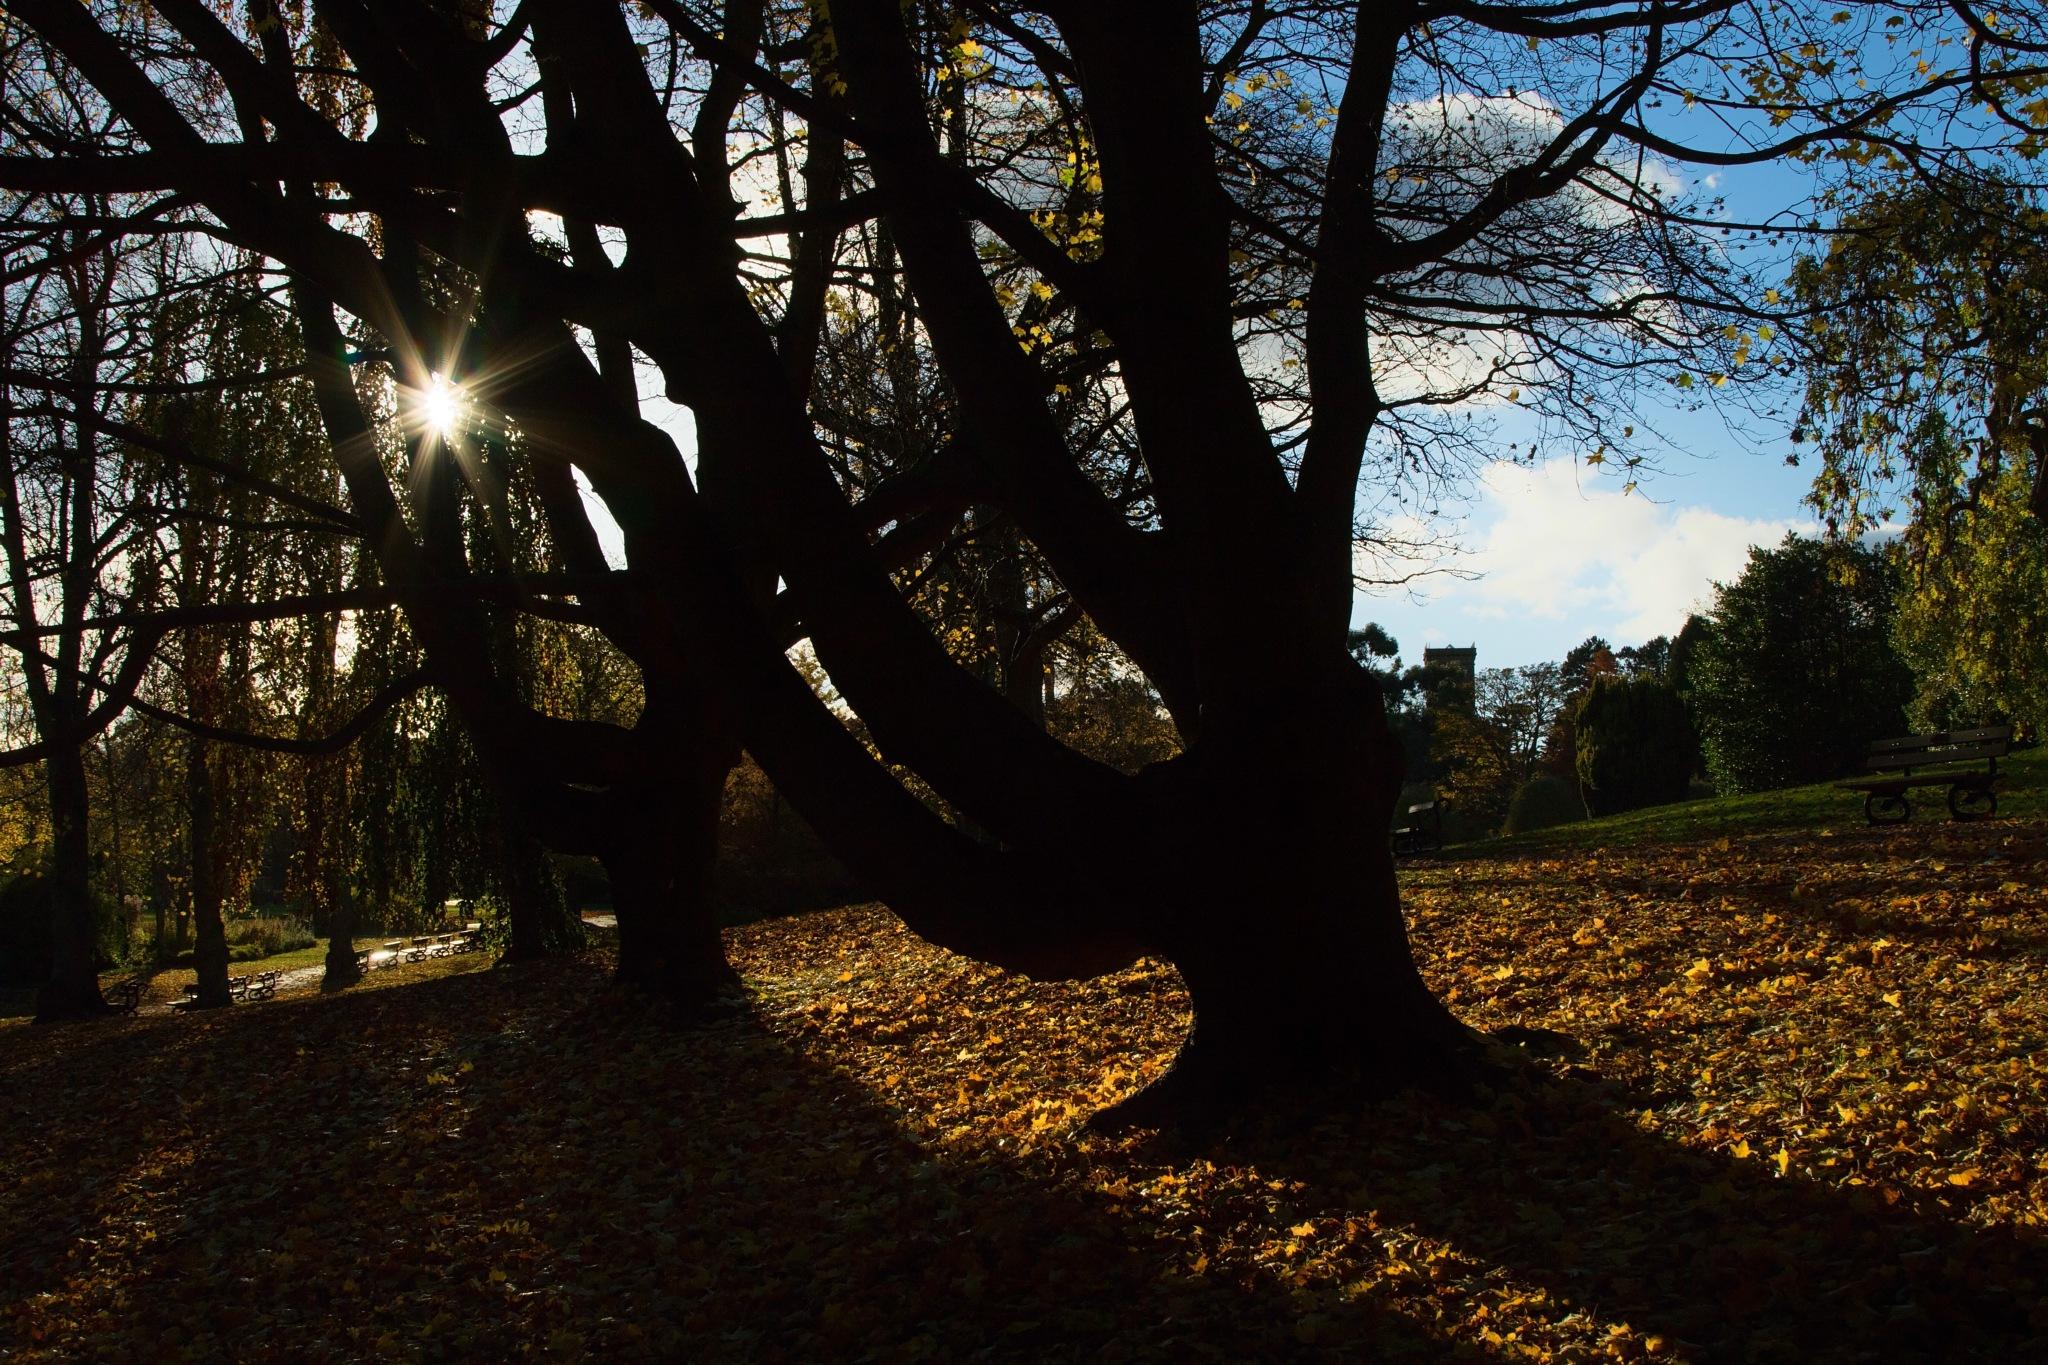 Autumn Sunburst. by Steven Gill